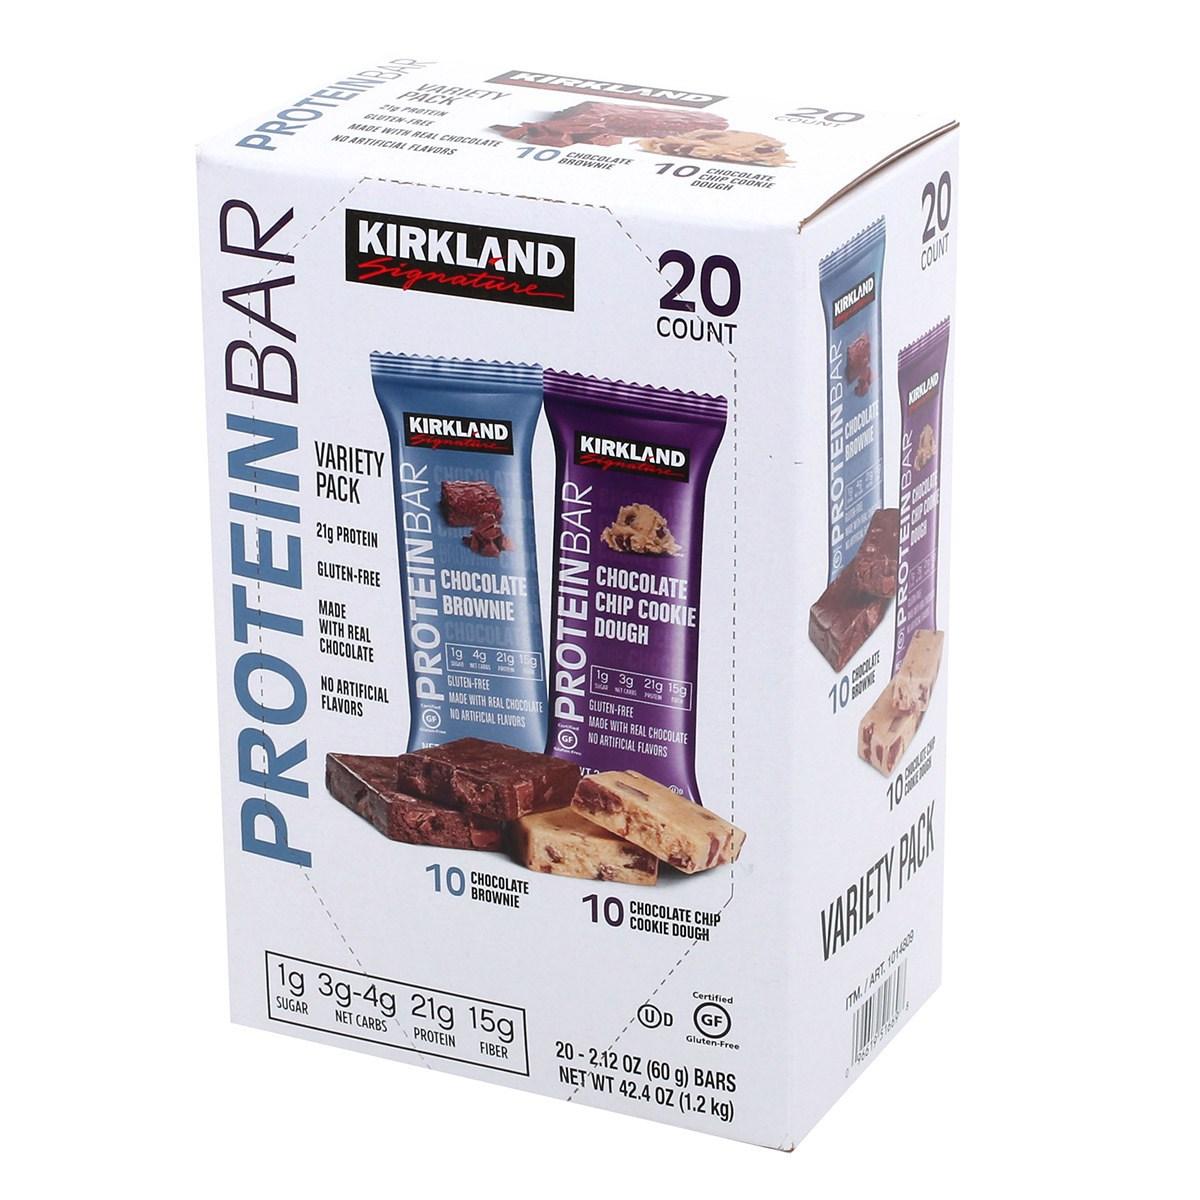 커클랜드 프로틴바 60g x 20개입 1.2kg 프로틴(단백질), 1개